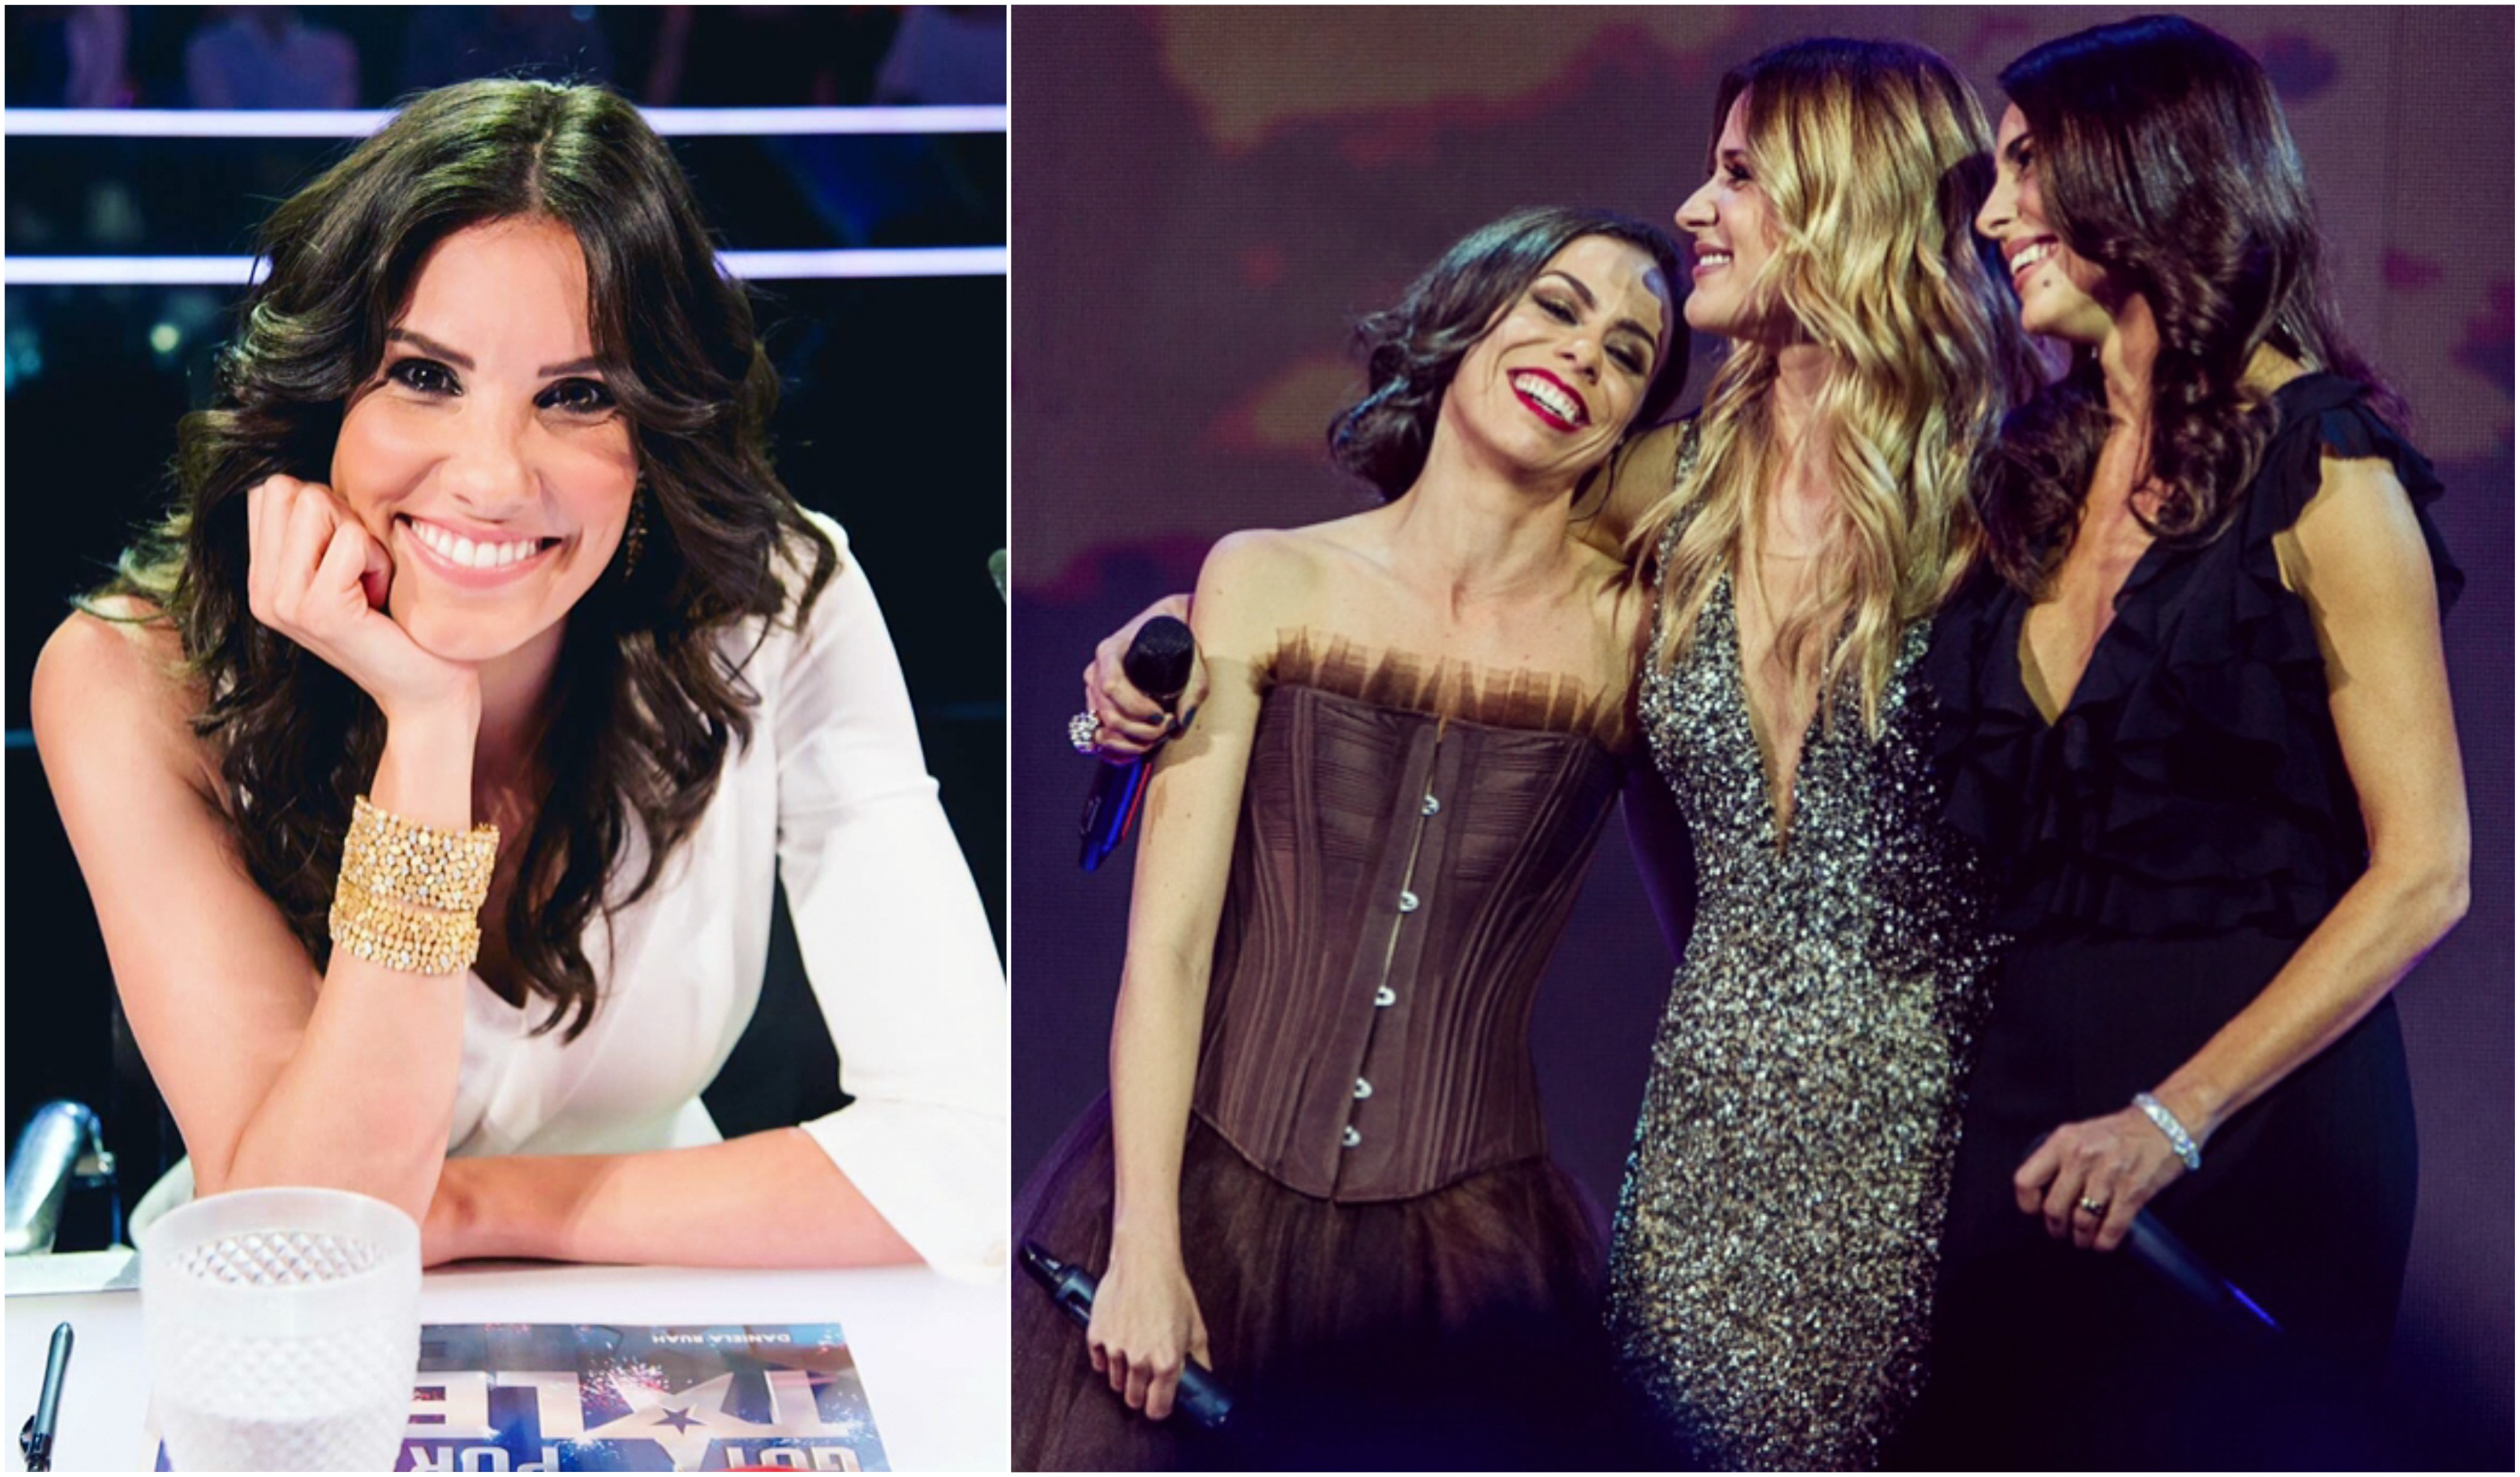 Já são conhecidas as apresentadoras do Festival da Eurovisão 2018